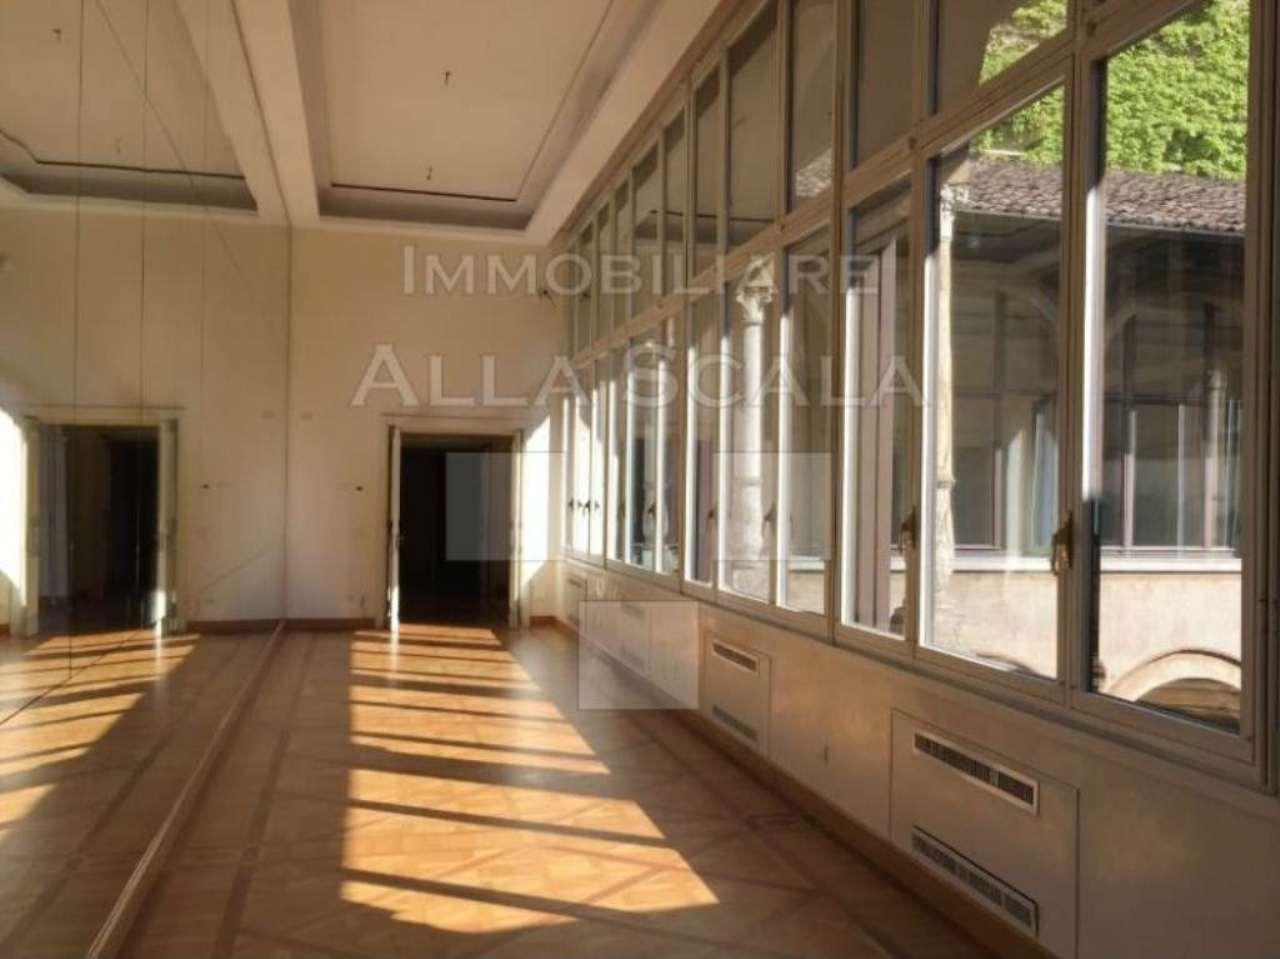 Appartamento in affitto a milano corso venezia trovocasa for Appartamento design affitto milano